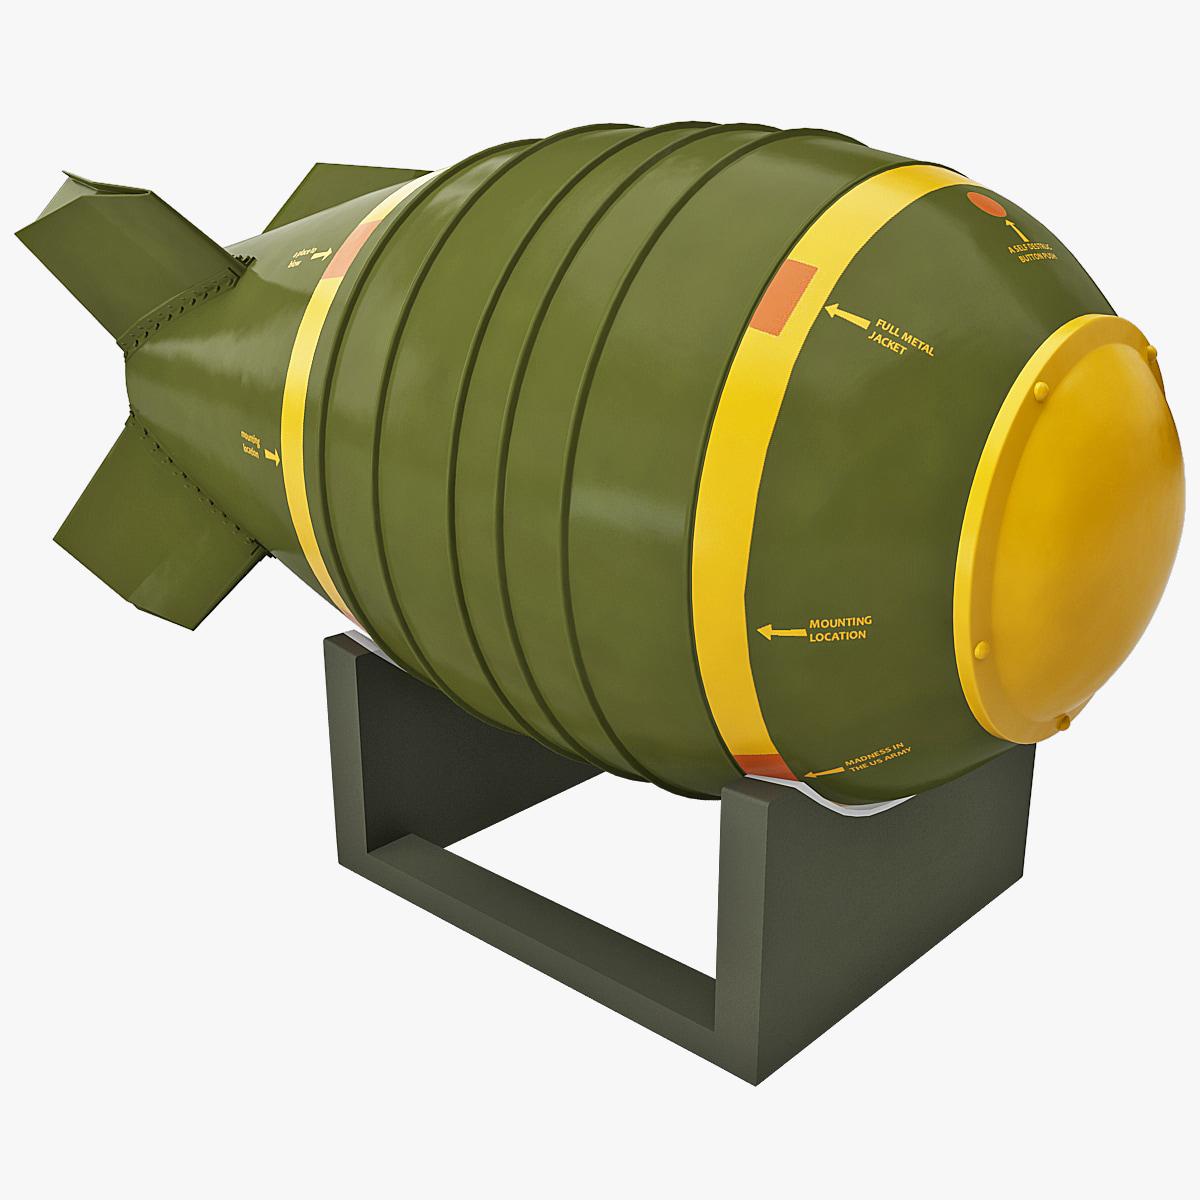 Nuclear_Bomb_Mark_6_000.jpg